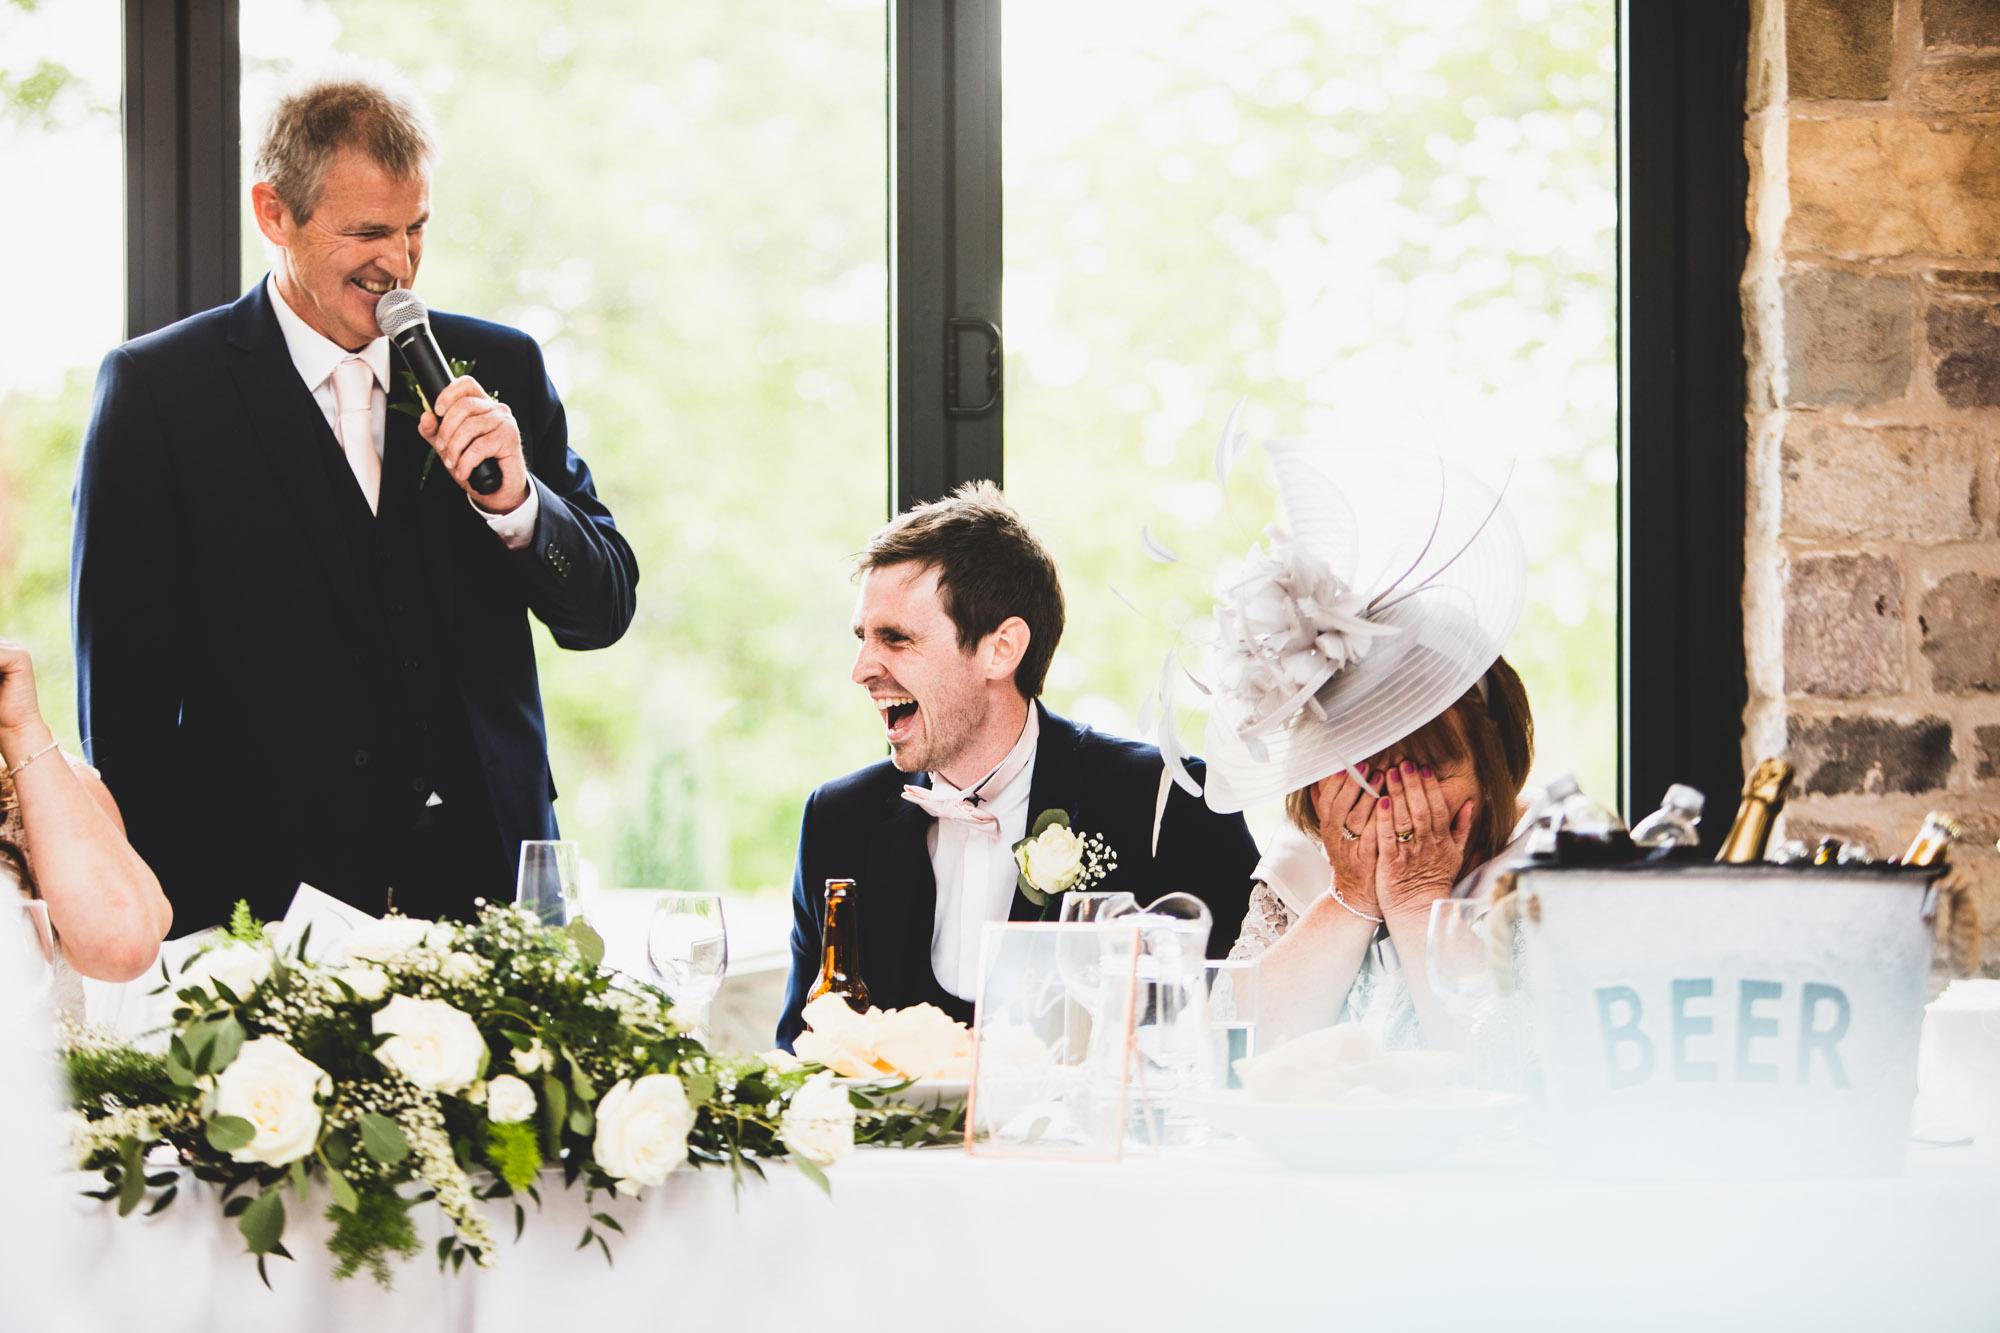 Perfect moment wedding speech